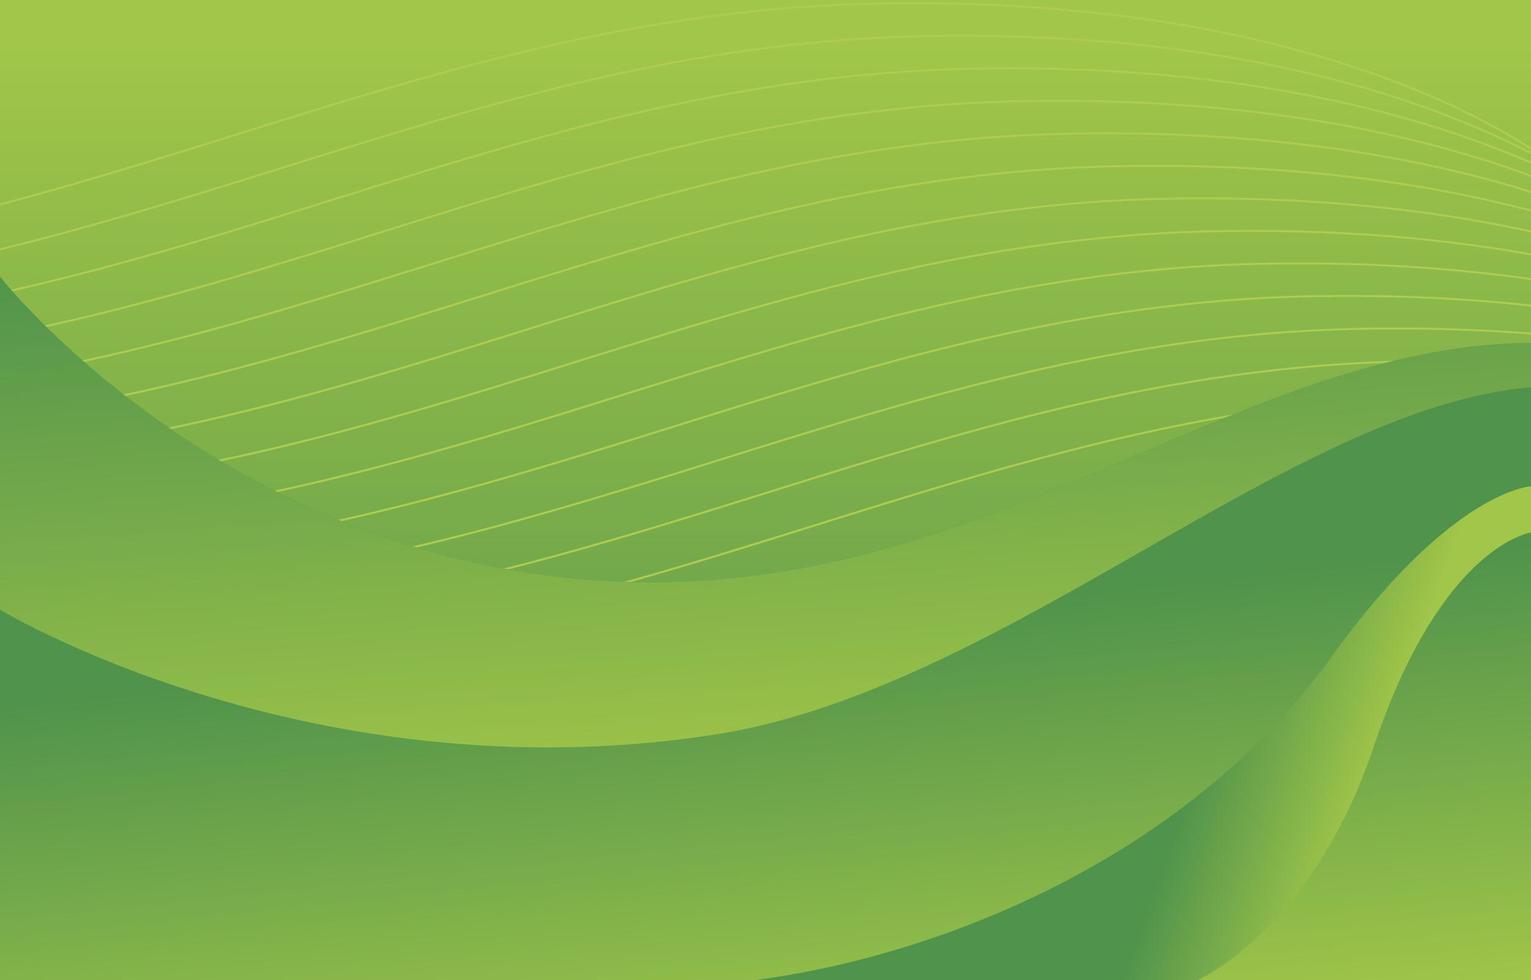 fond de vague abstraite verte vecteur